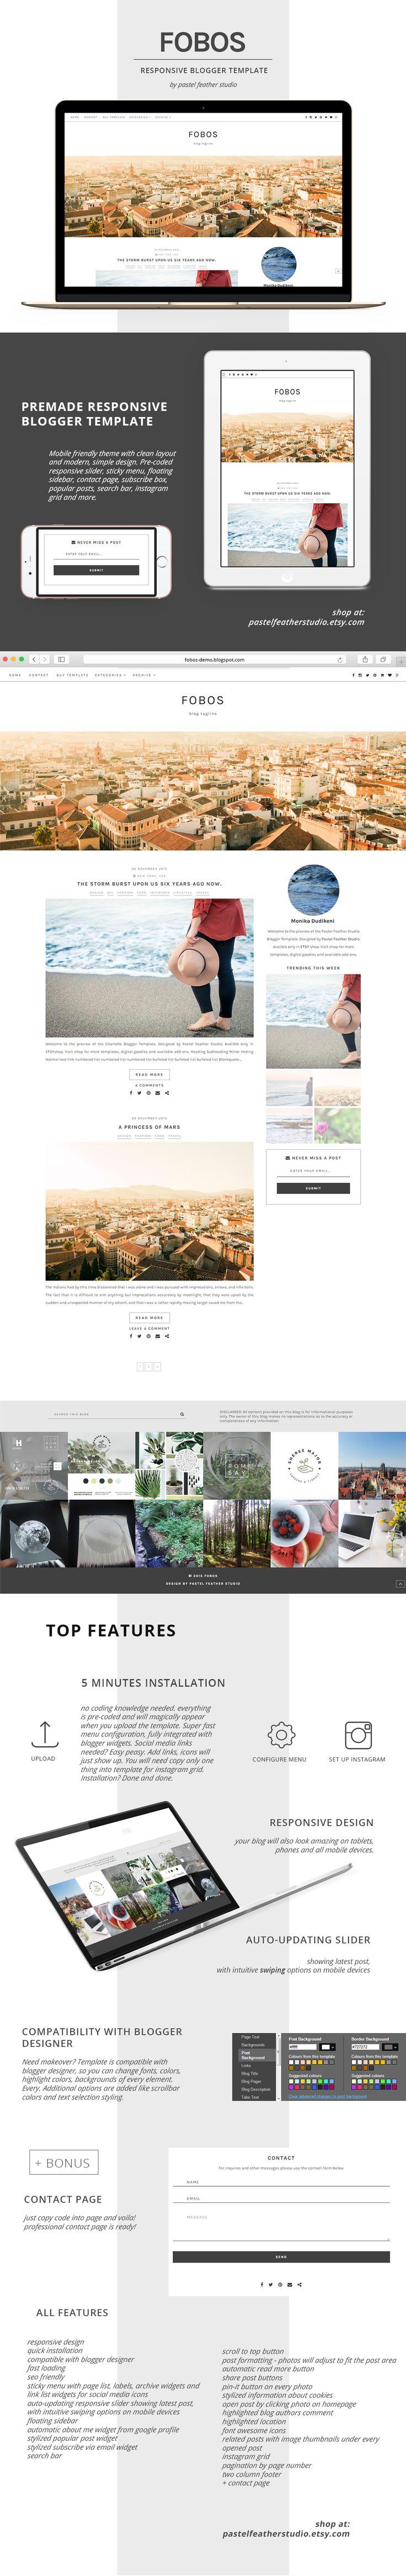 54 besten BLOG Bilder auf Pinterest   Pastell, Webdesign und Federn